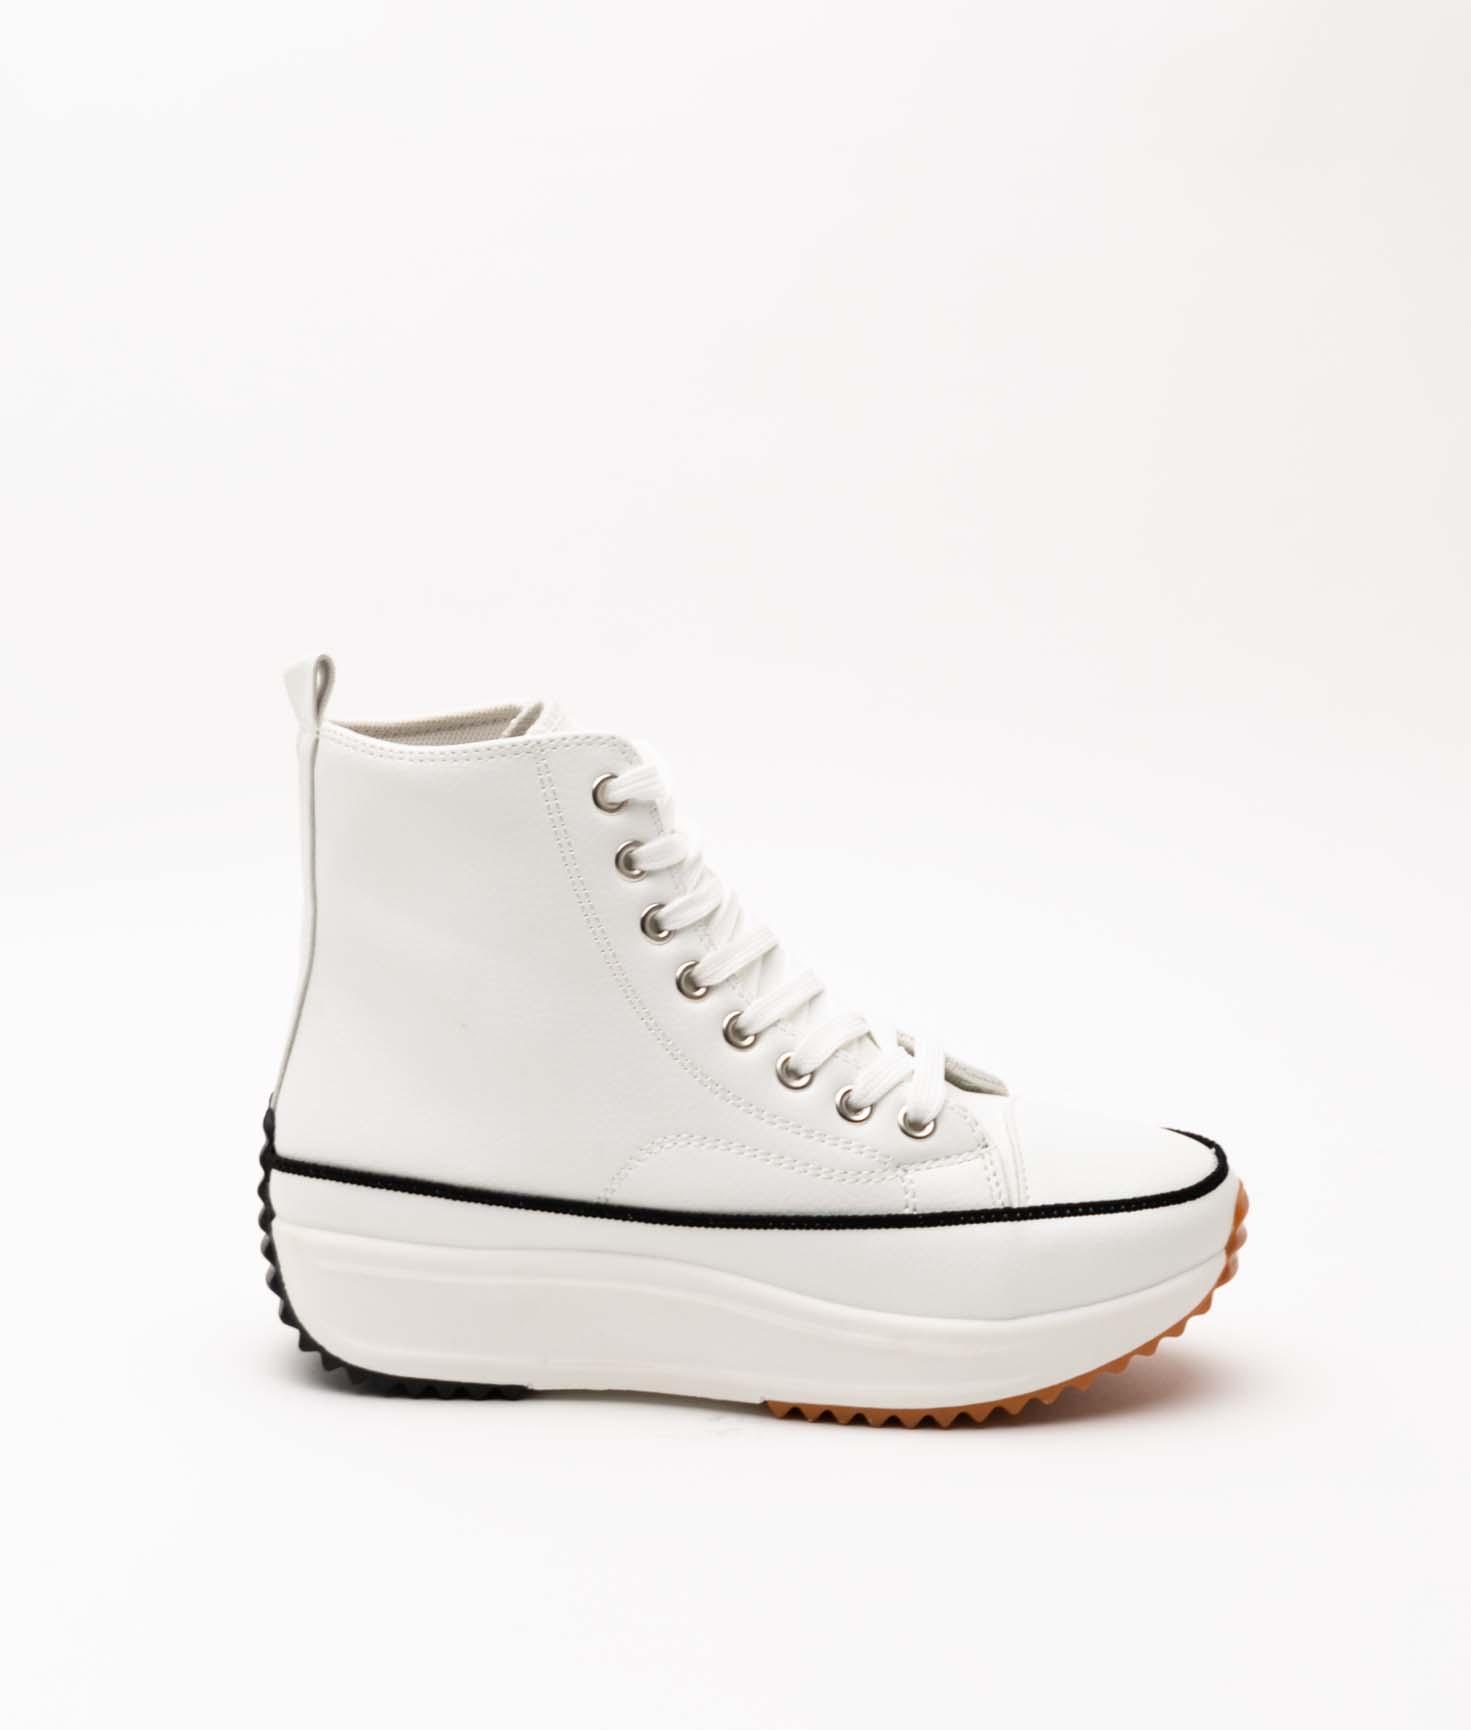 Sneakers Konder Polipiel - Blanc